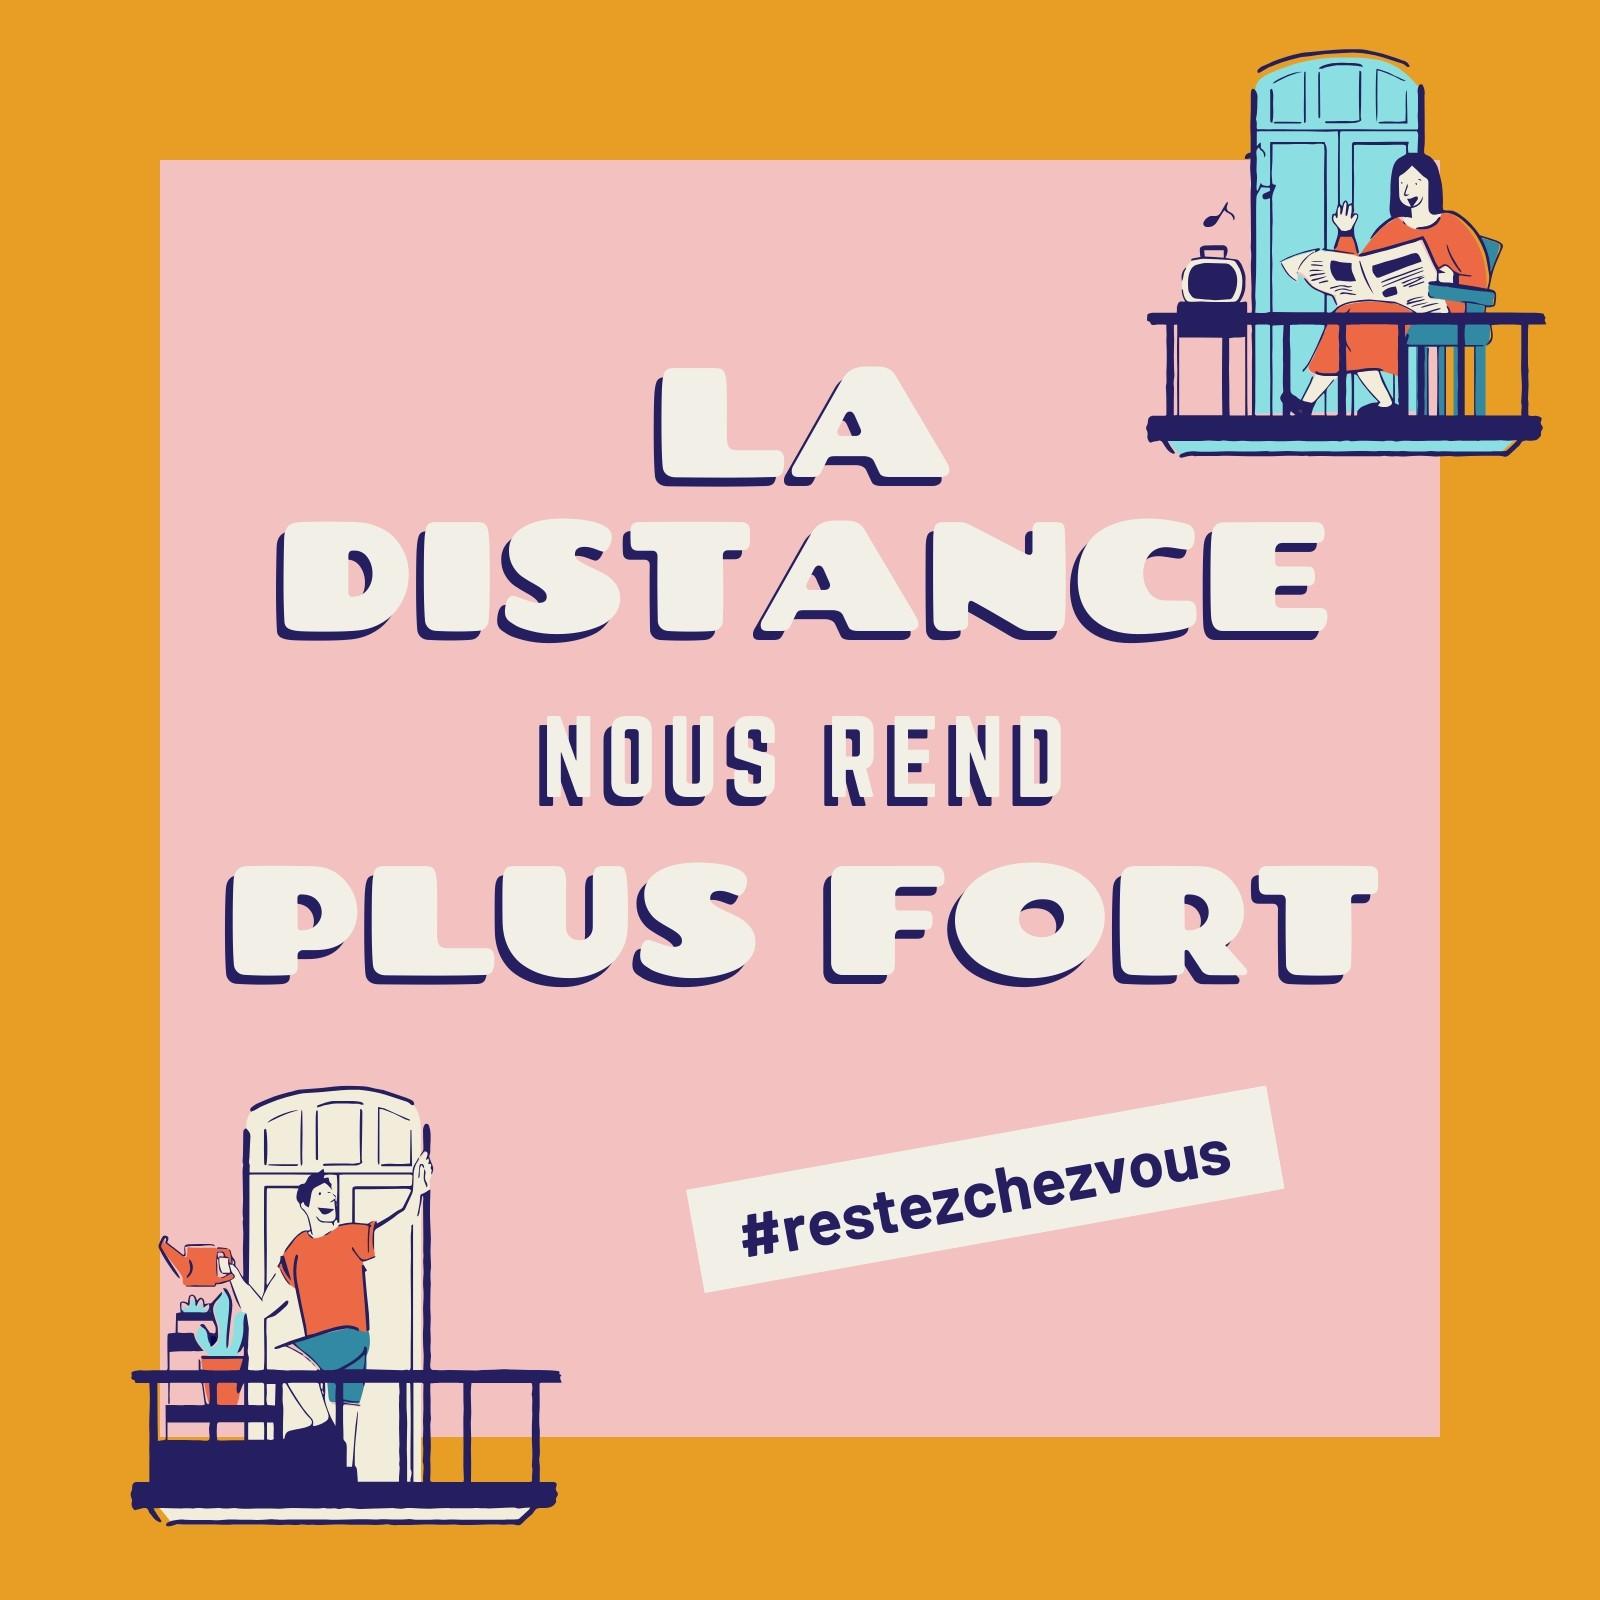 Publication Instagram COVID-19 distanciation sociale illustré rose et doré